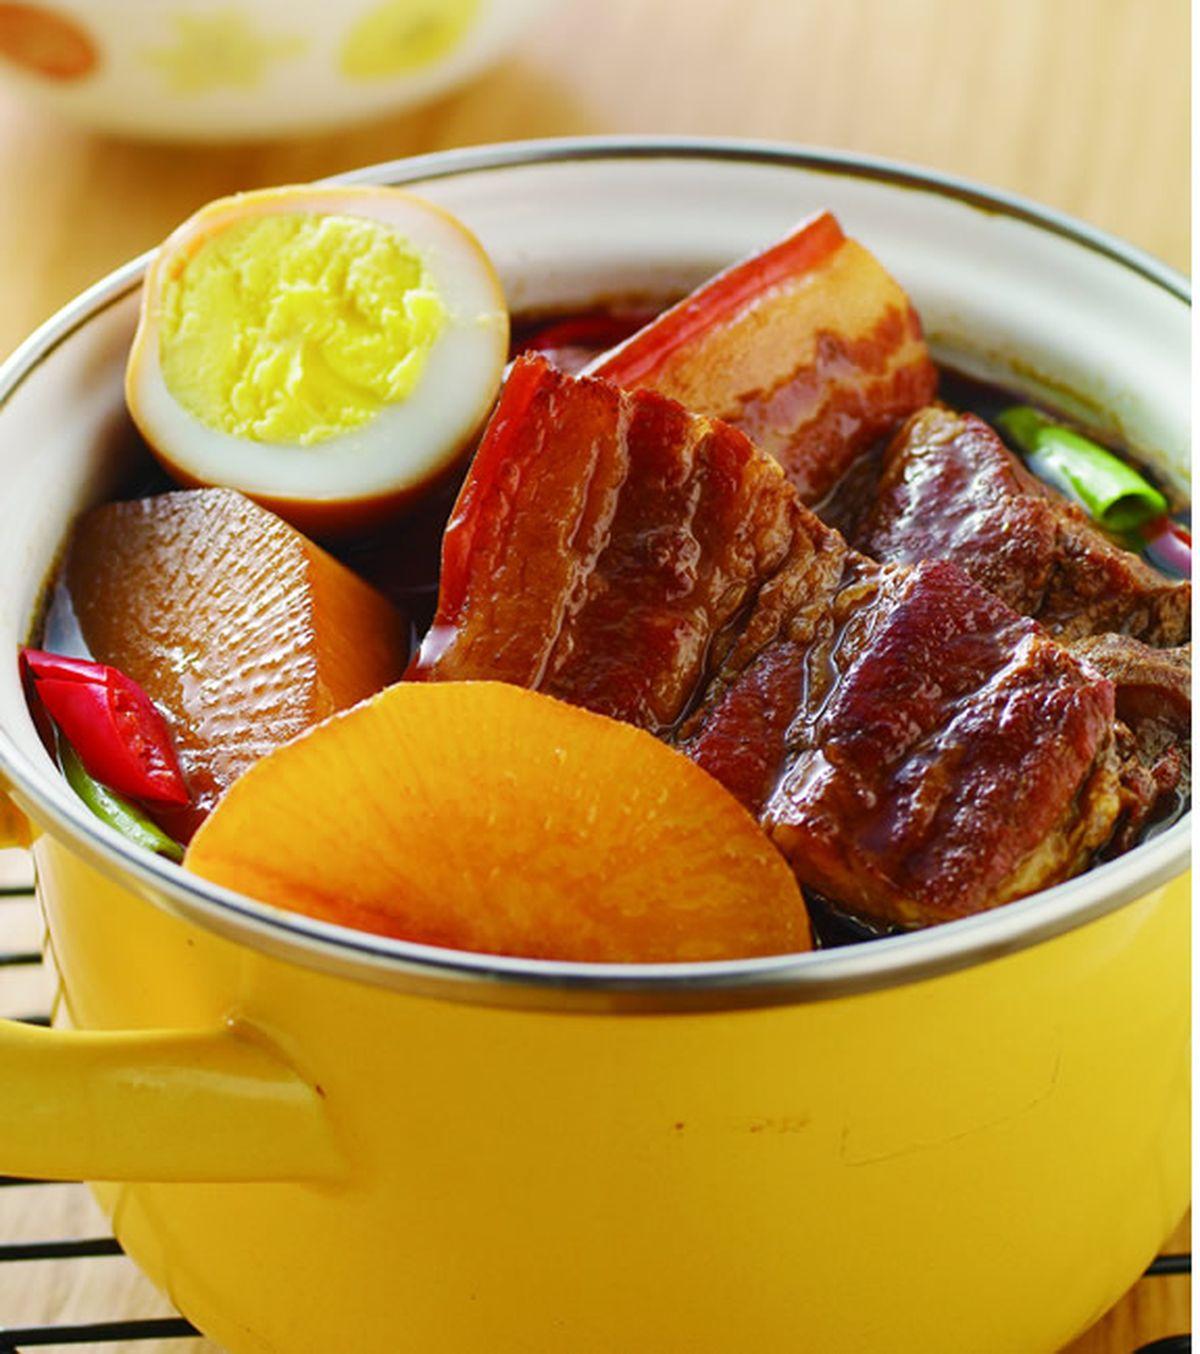 食譜:蘿蔔豆乾滷肉